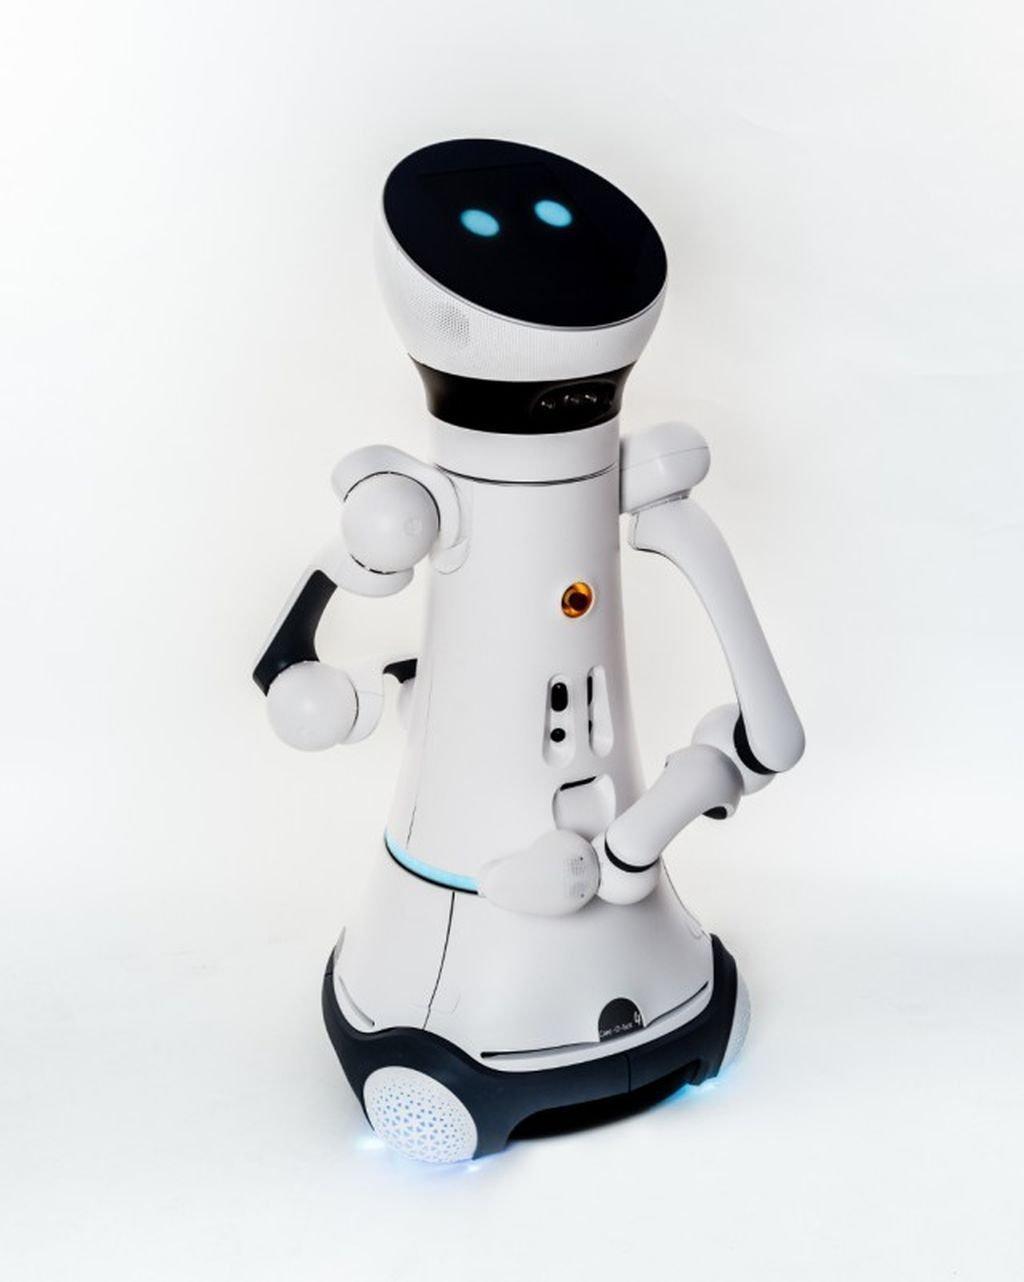 Der Care-O-bot ist ein Pflegeroboter auf Rollen mit angedeutetem Kopf und Armen.